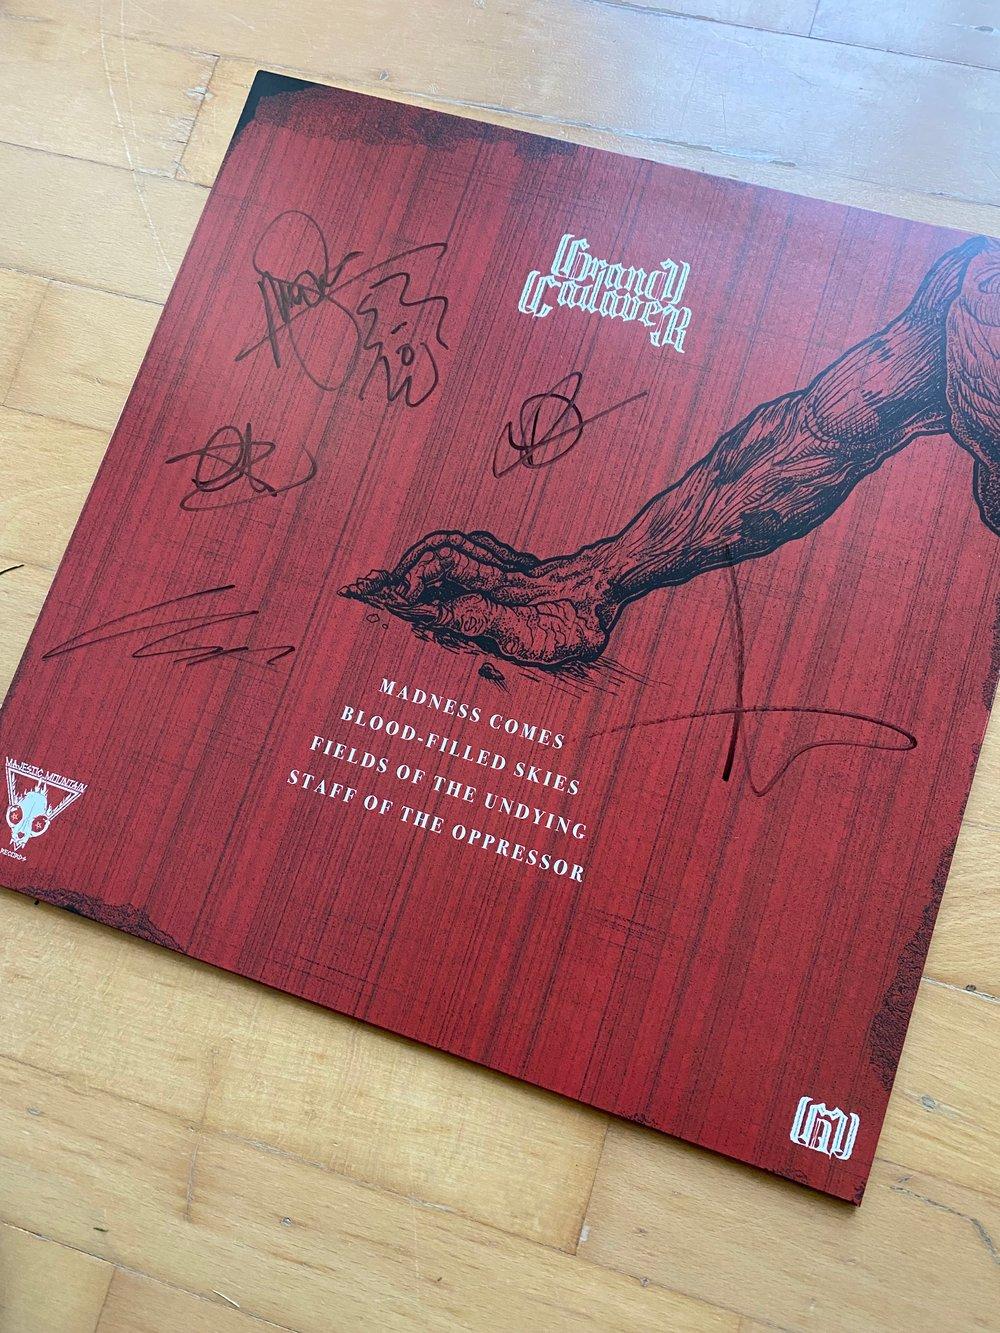 Grand Cadaver - Madness Comes (signed)